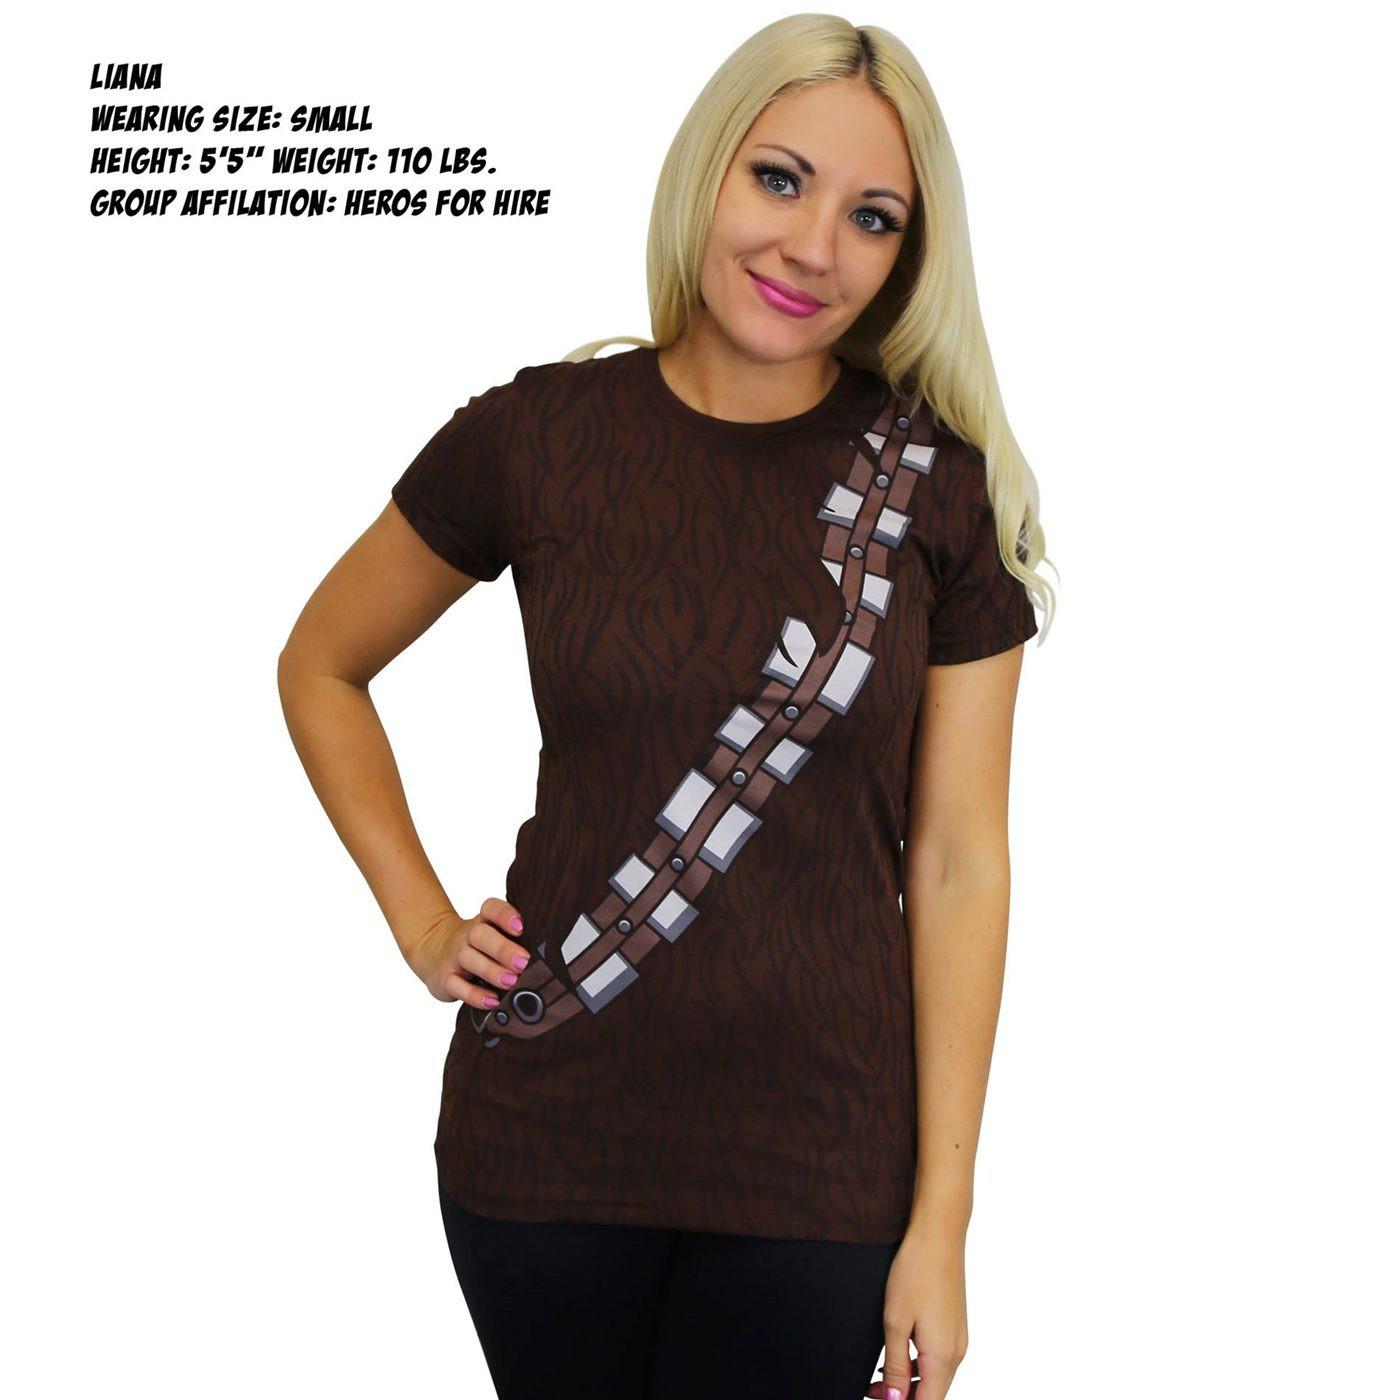 Star Wars Chewbacca Costume Women's T-Shirt